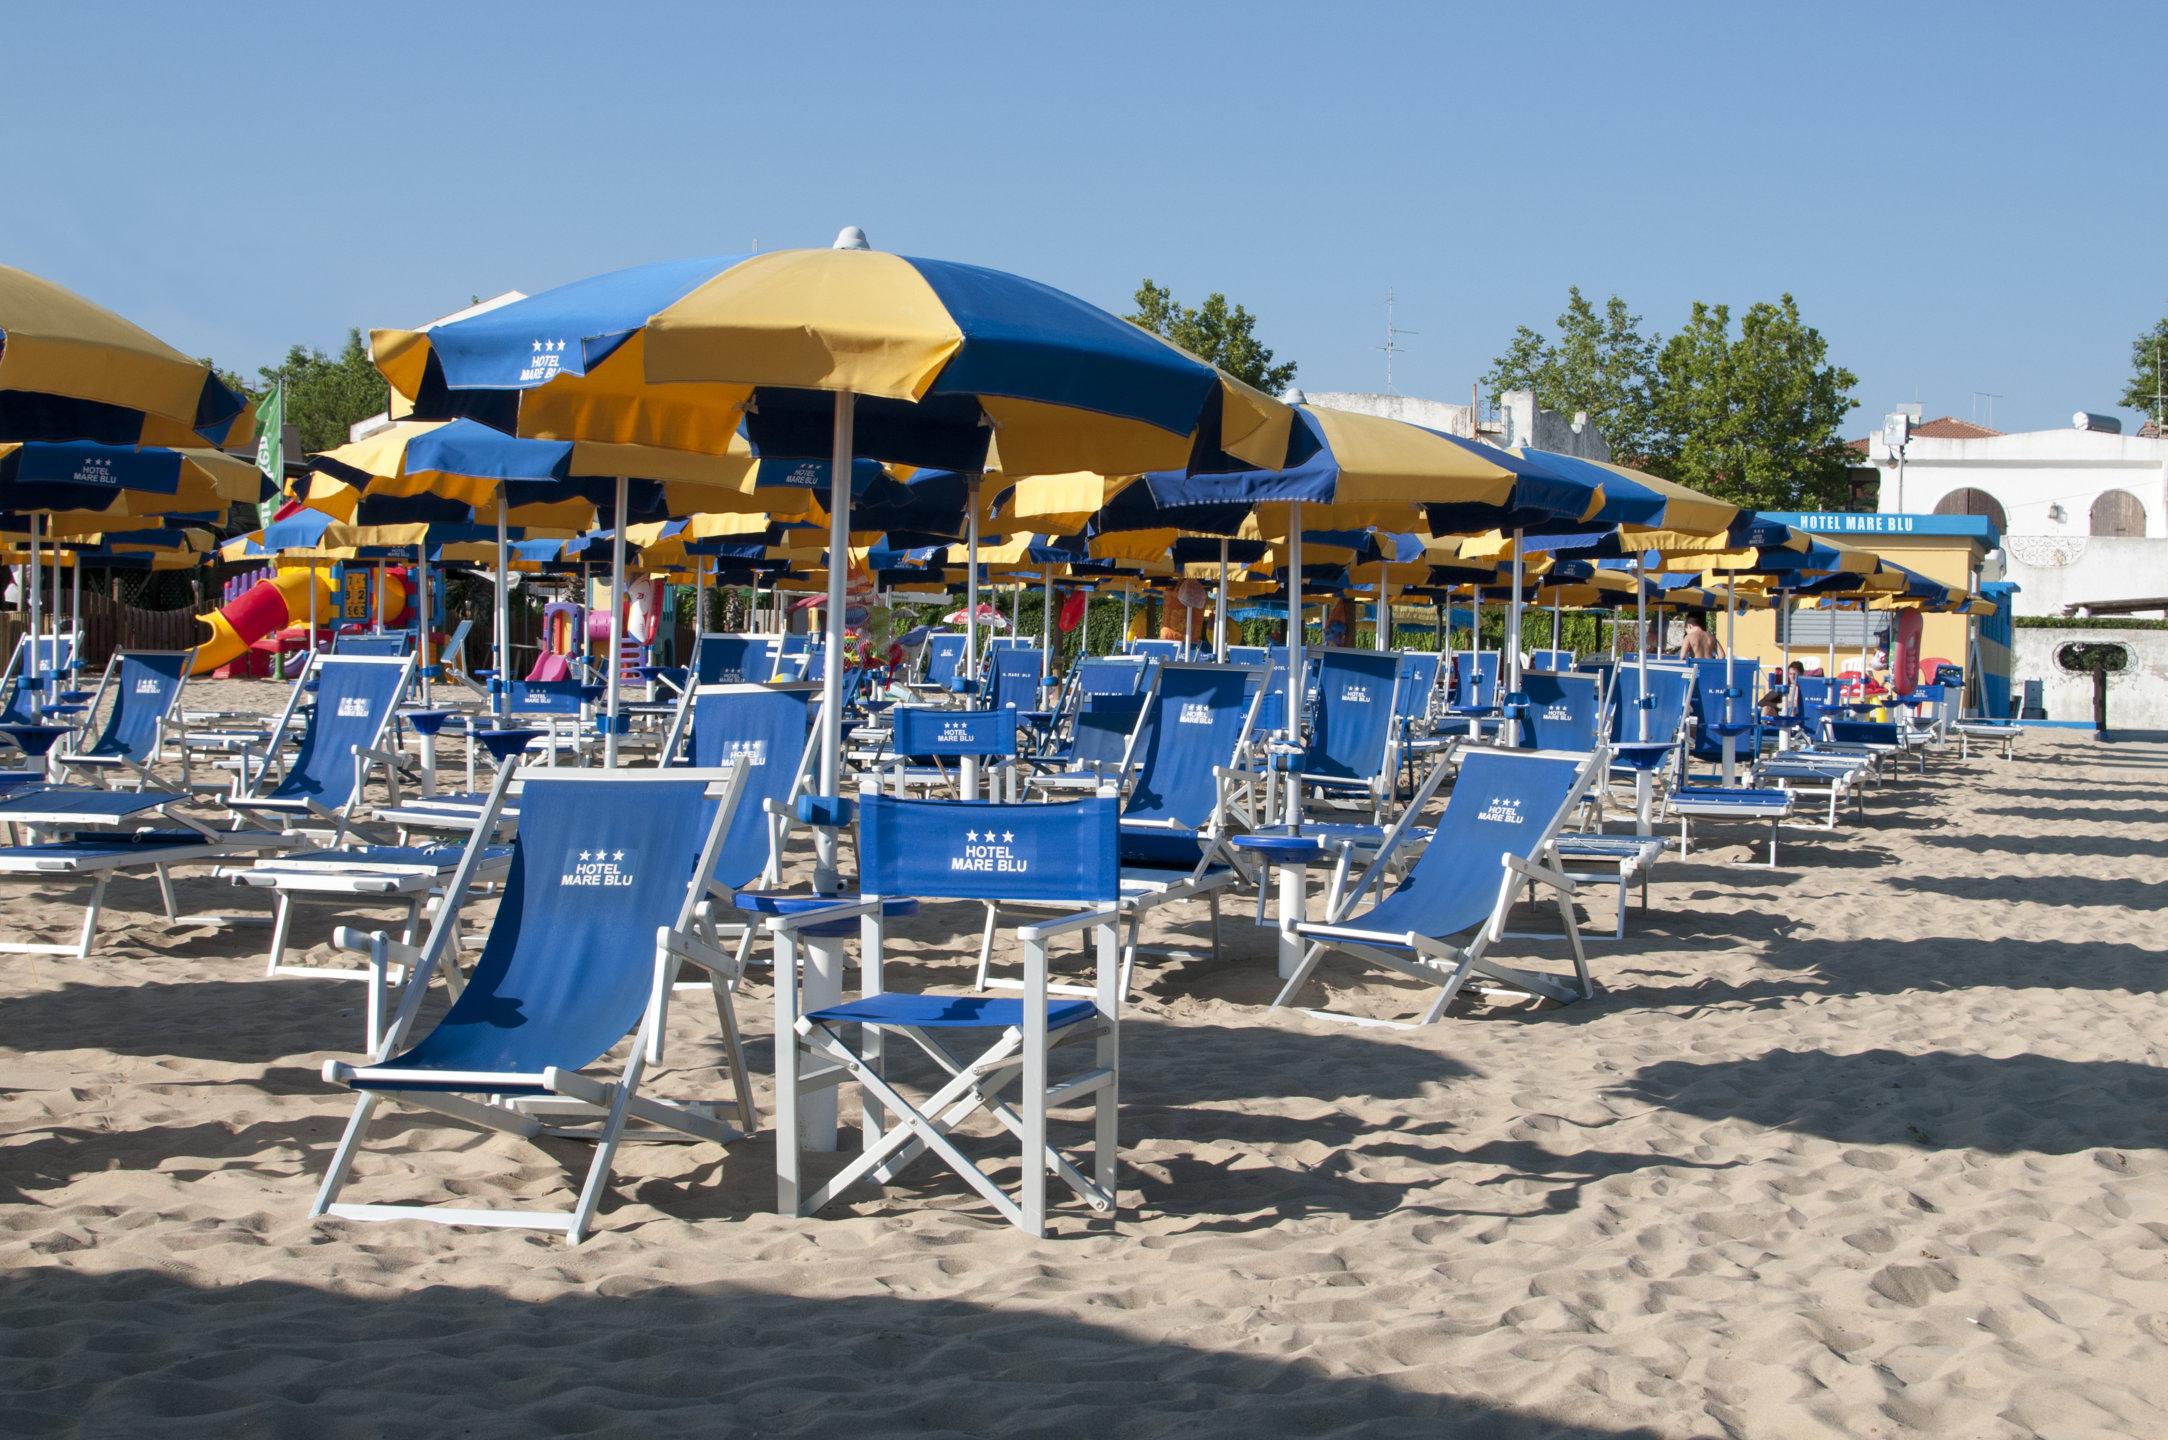 Mare blu hotel francavilla al mare sul lungomare for Mobilia arredamenti francavilla al mare